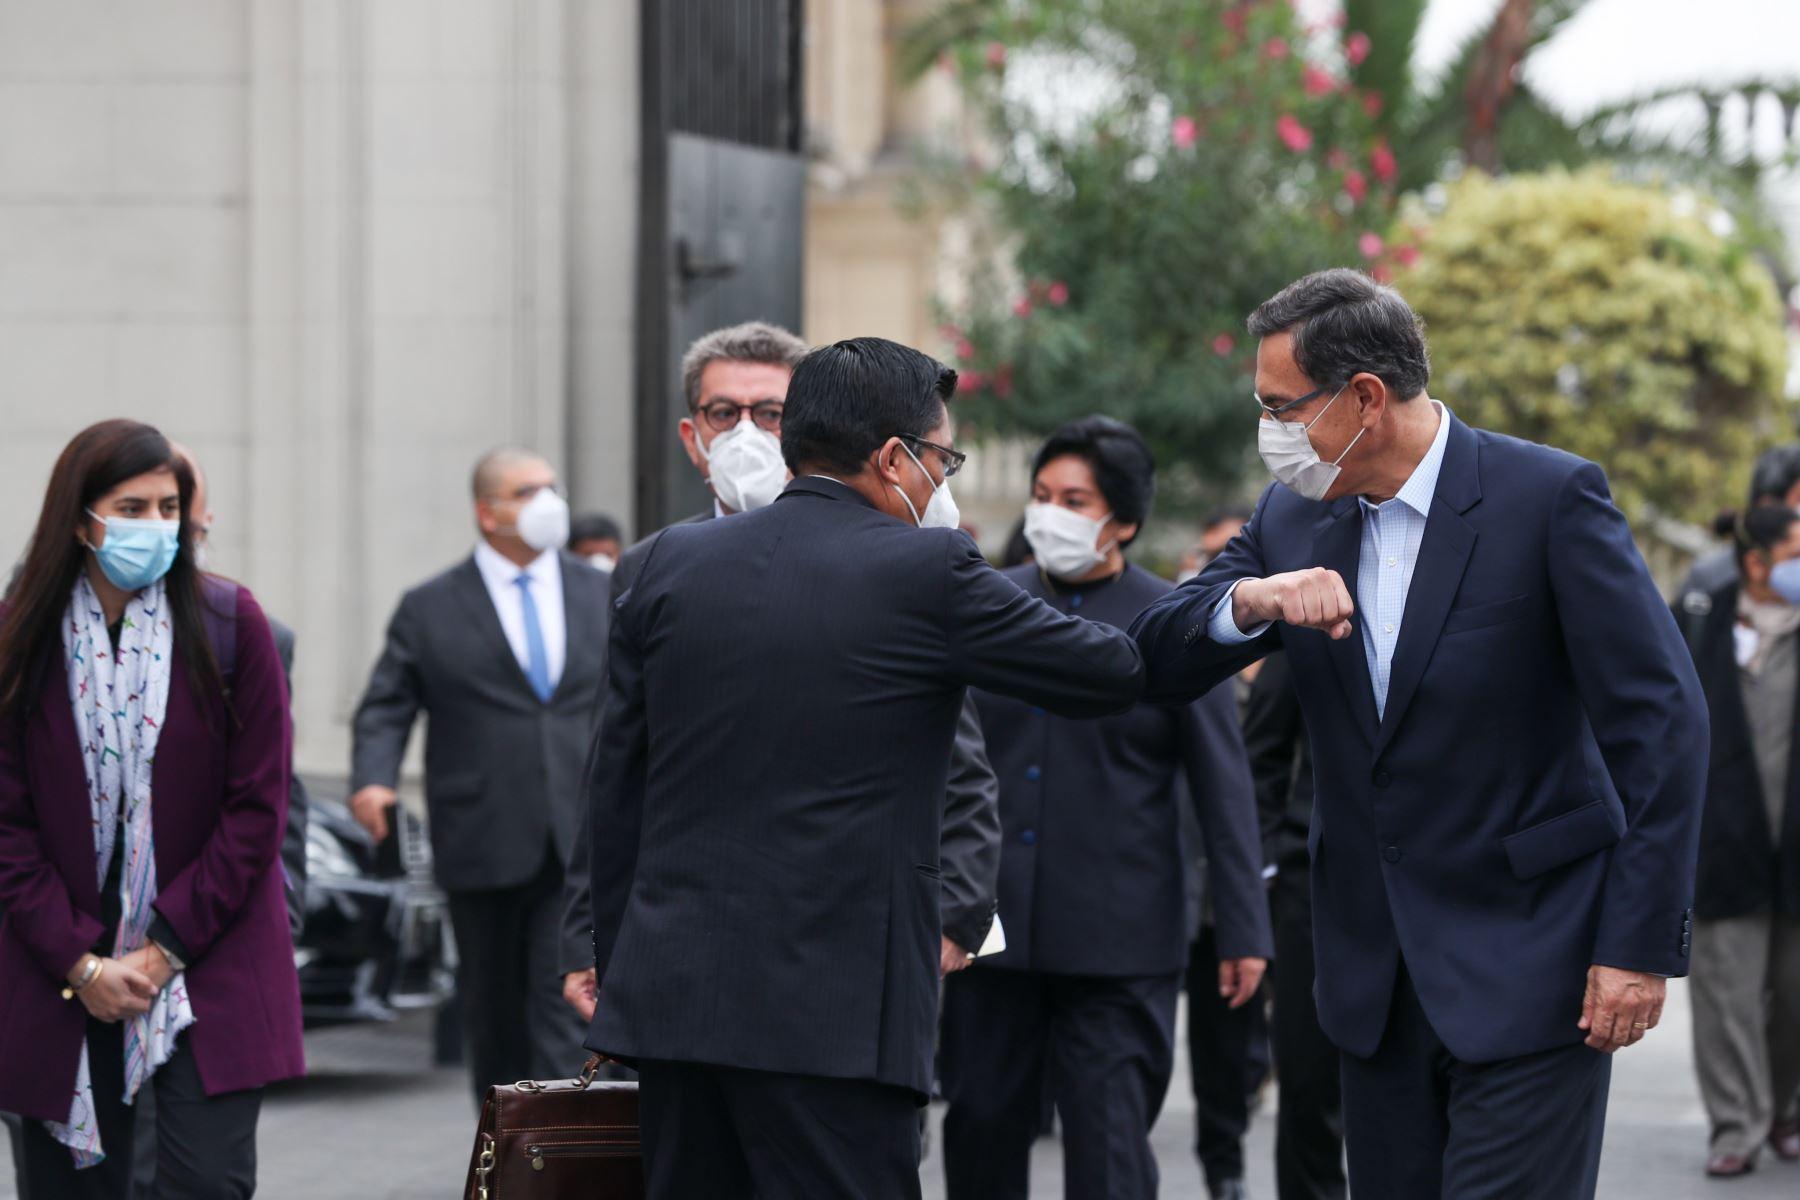 Presidente Martín Vizcarra saluda a Jefe de Gabinete, Vicente Zeballos y ministros antes de acudir a sesión en Congreso de la República. Foto: ANDINA/PCM